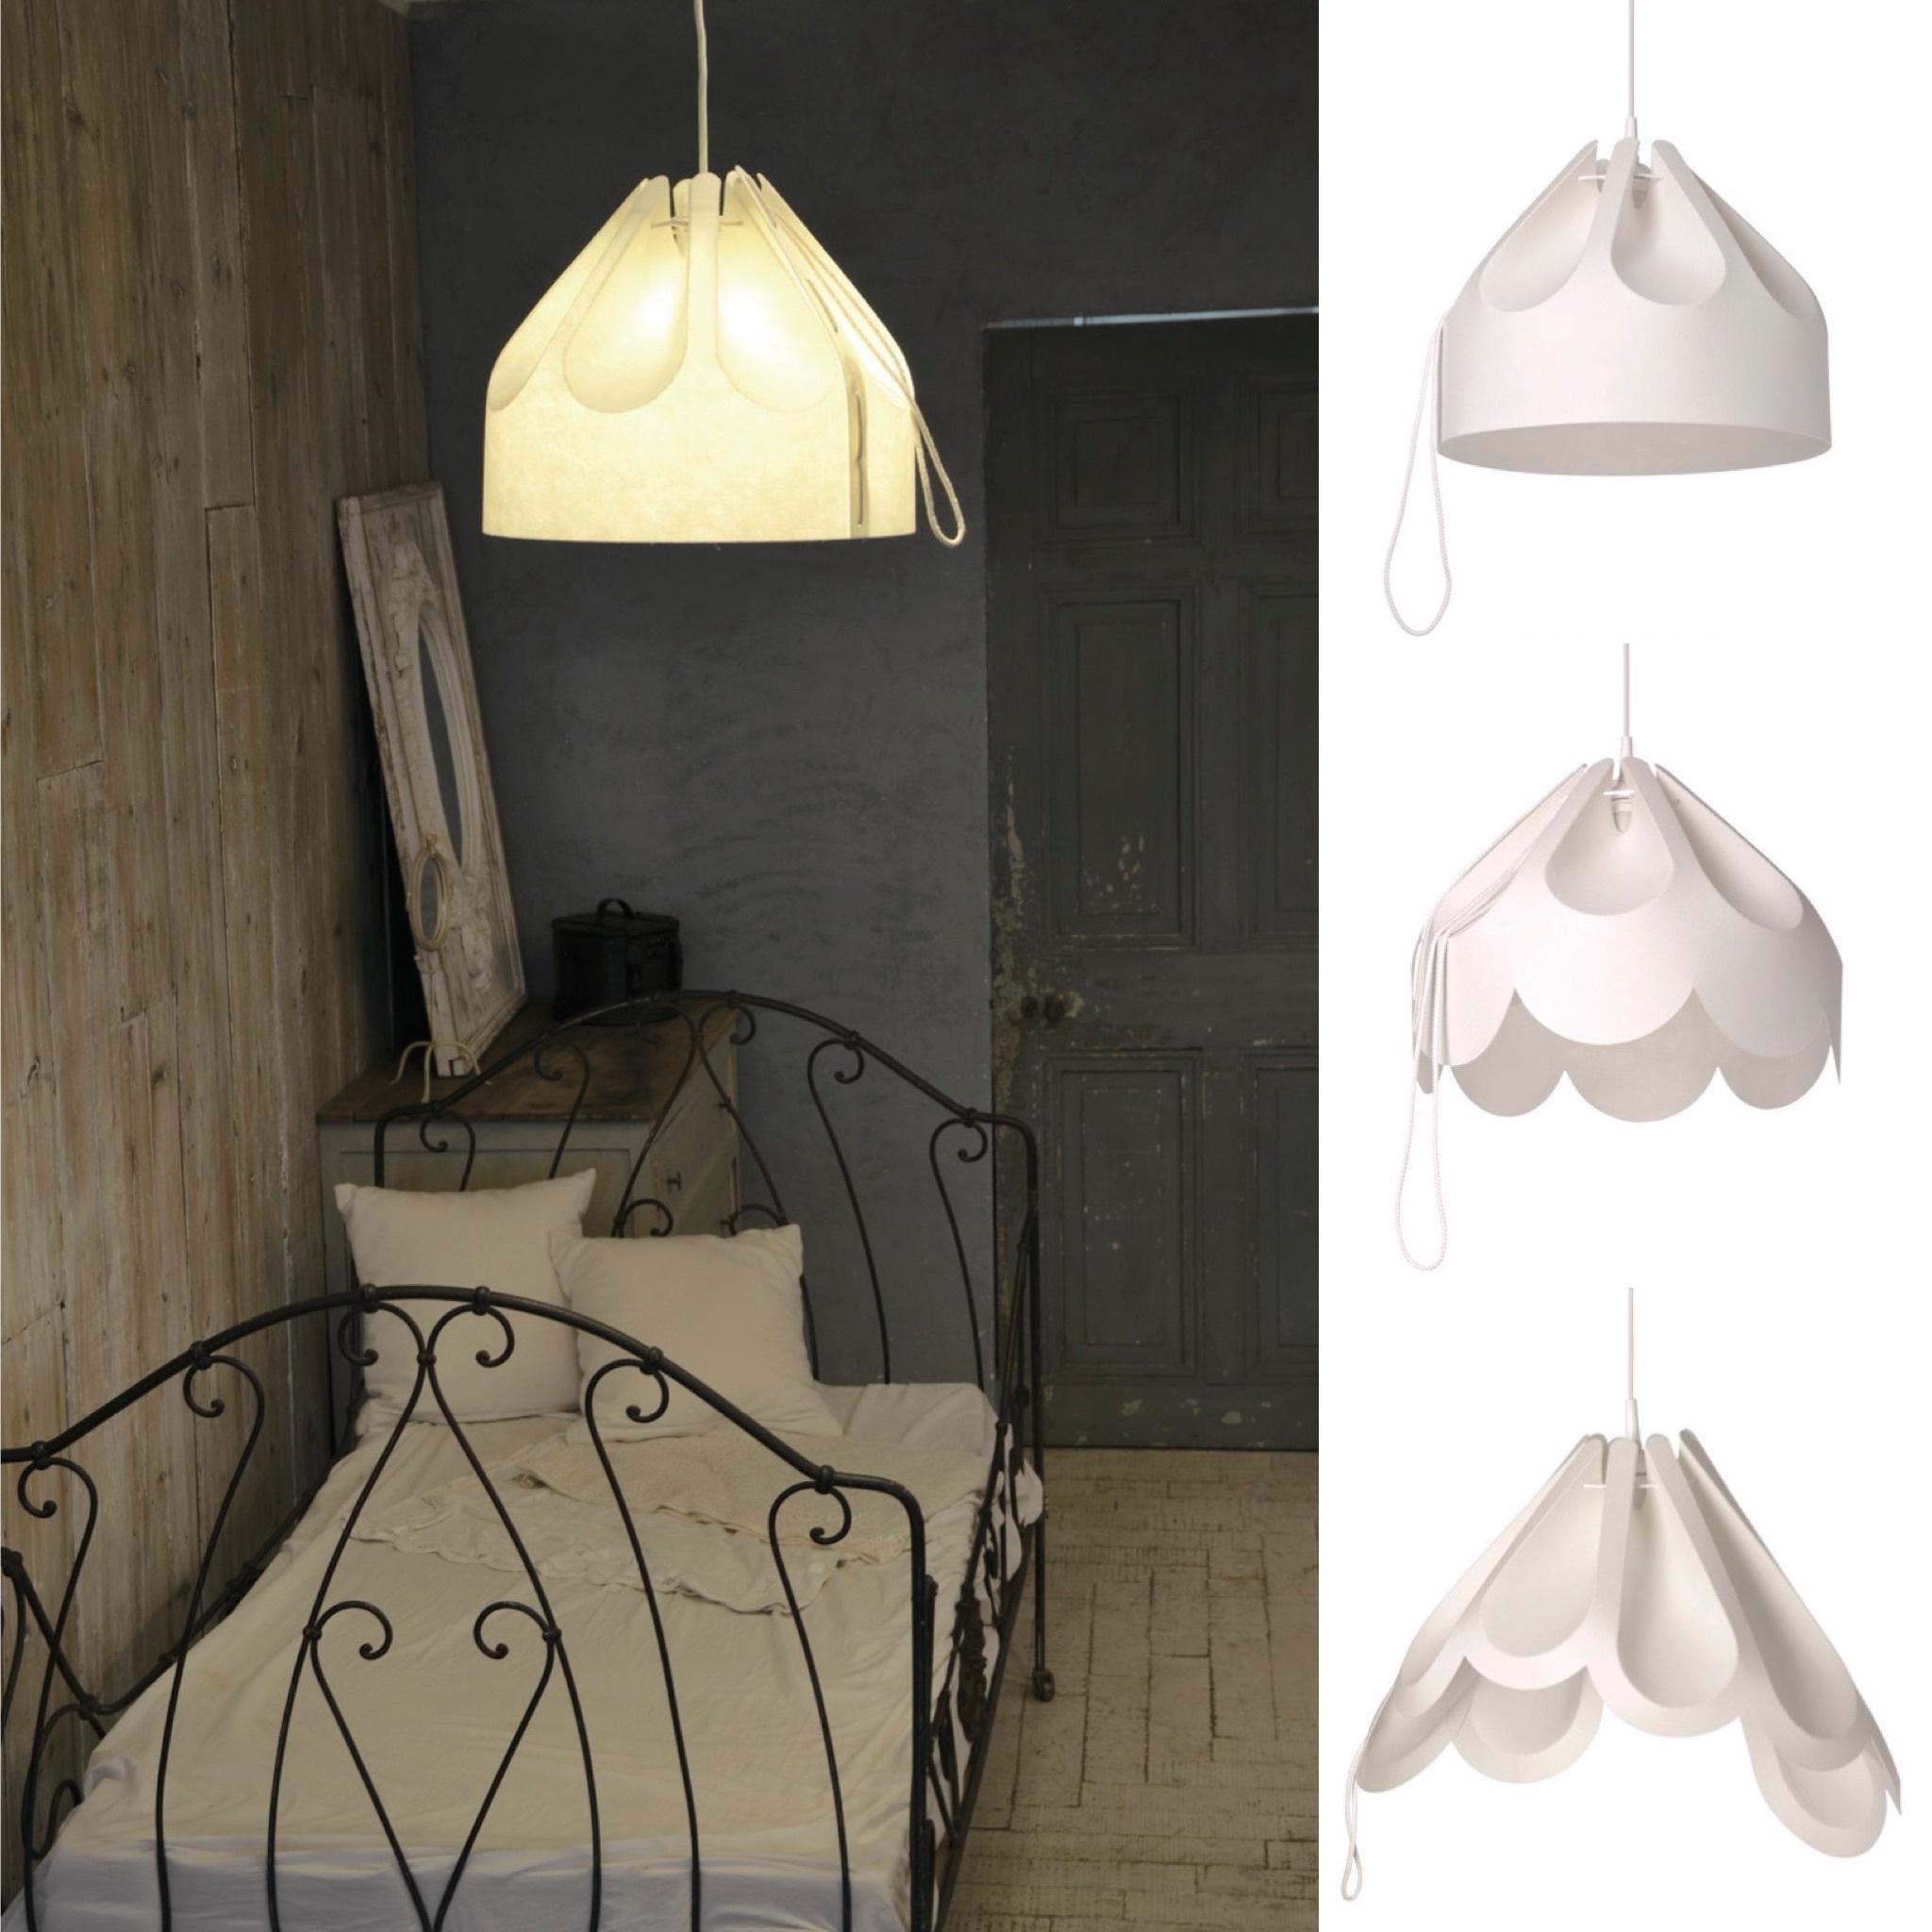 照明 BEZA 1灯ペンダントライト ポーランド「LOFT LIGHT」 全3種類